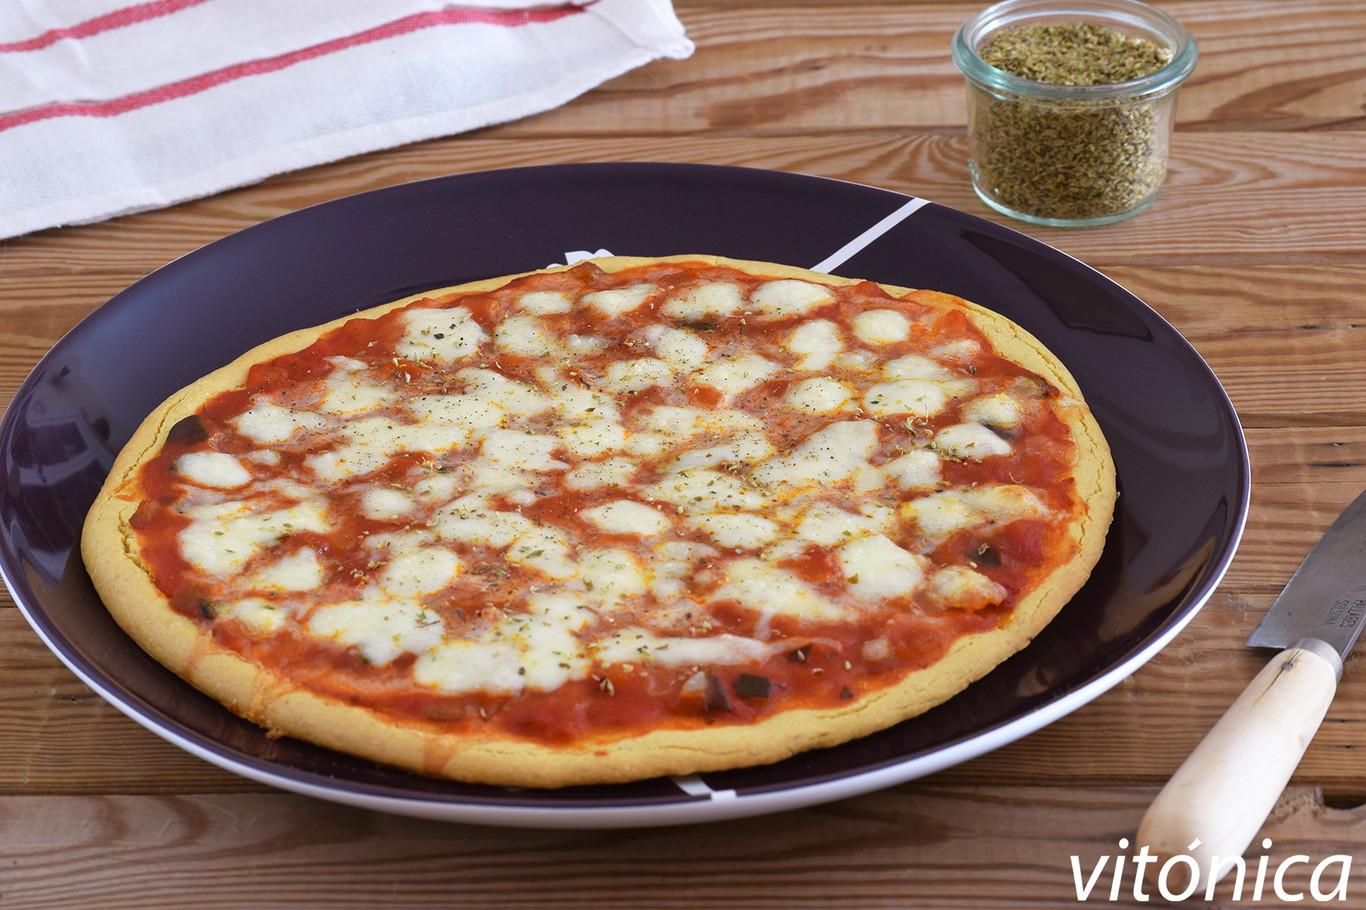 Pizza Con Harina De Garbanzos Receta De Cocina Saludable Fácil Y Deliciosa